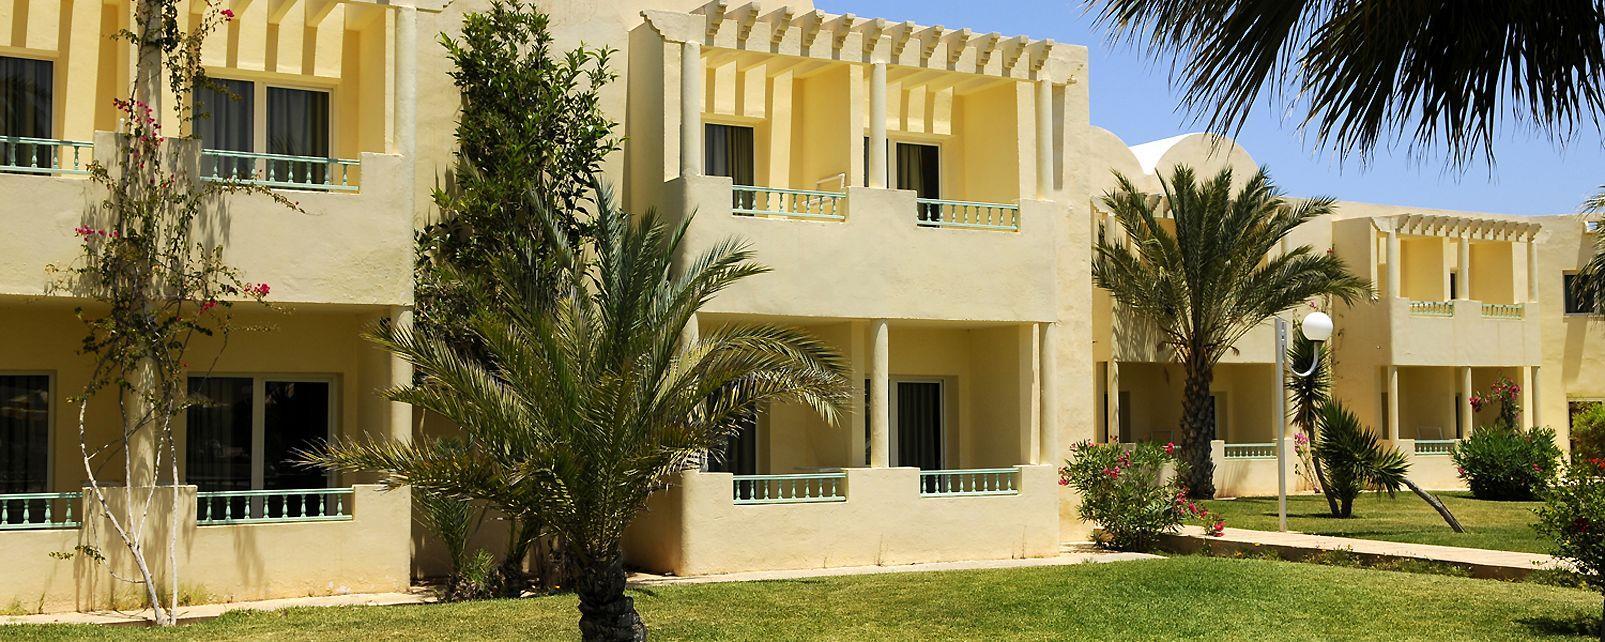 отель венис бич джерба тунис посмотреть